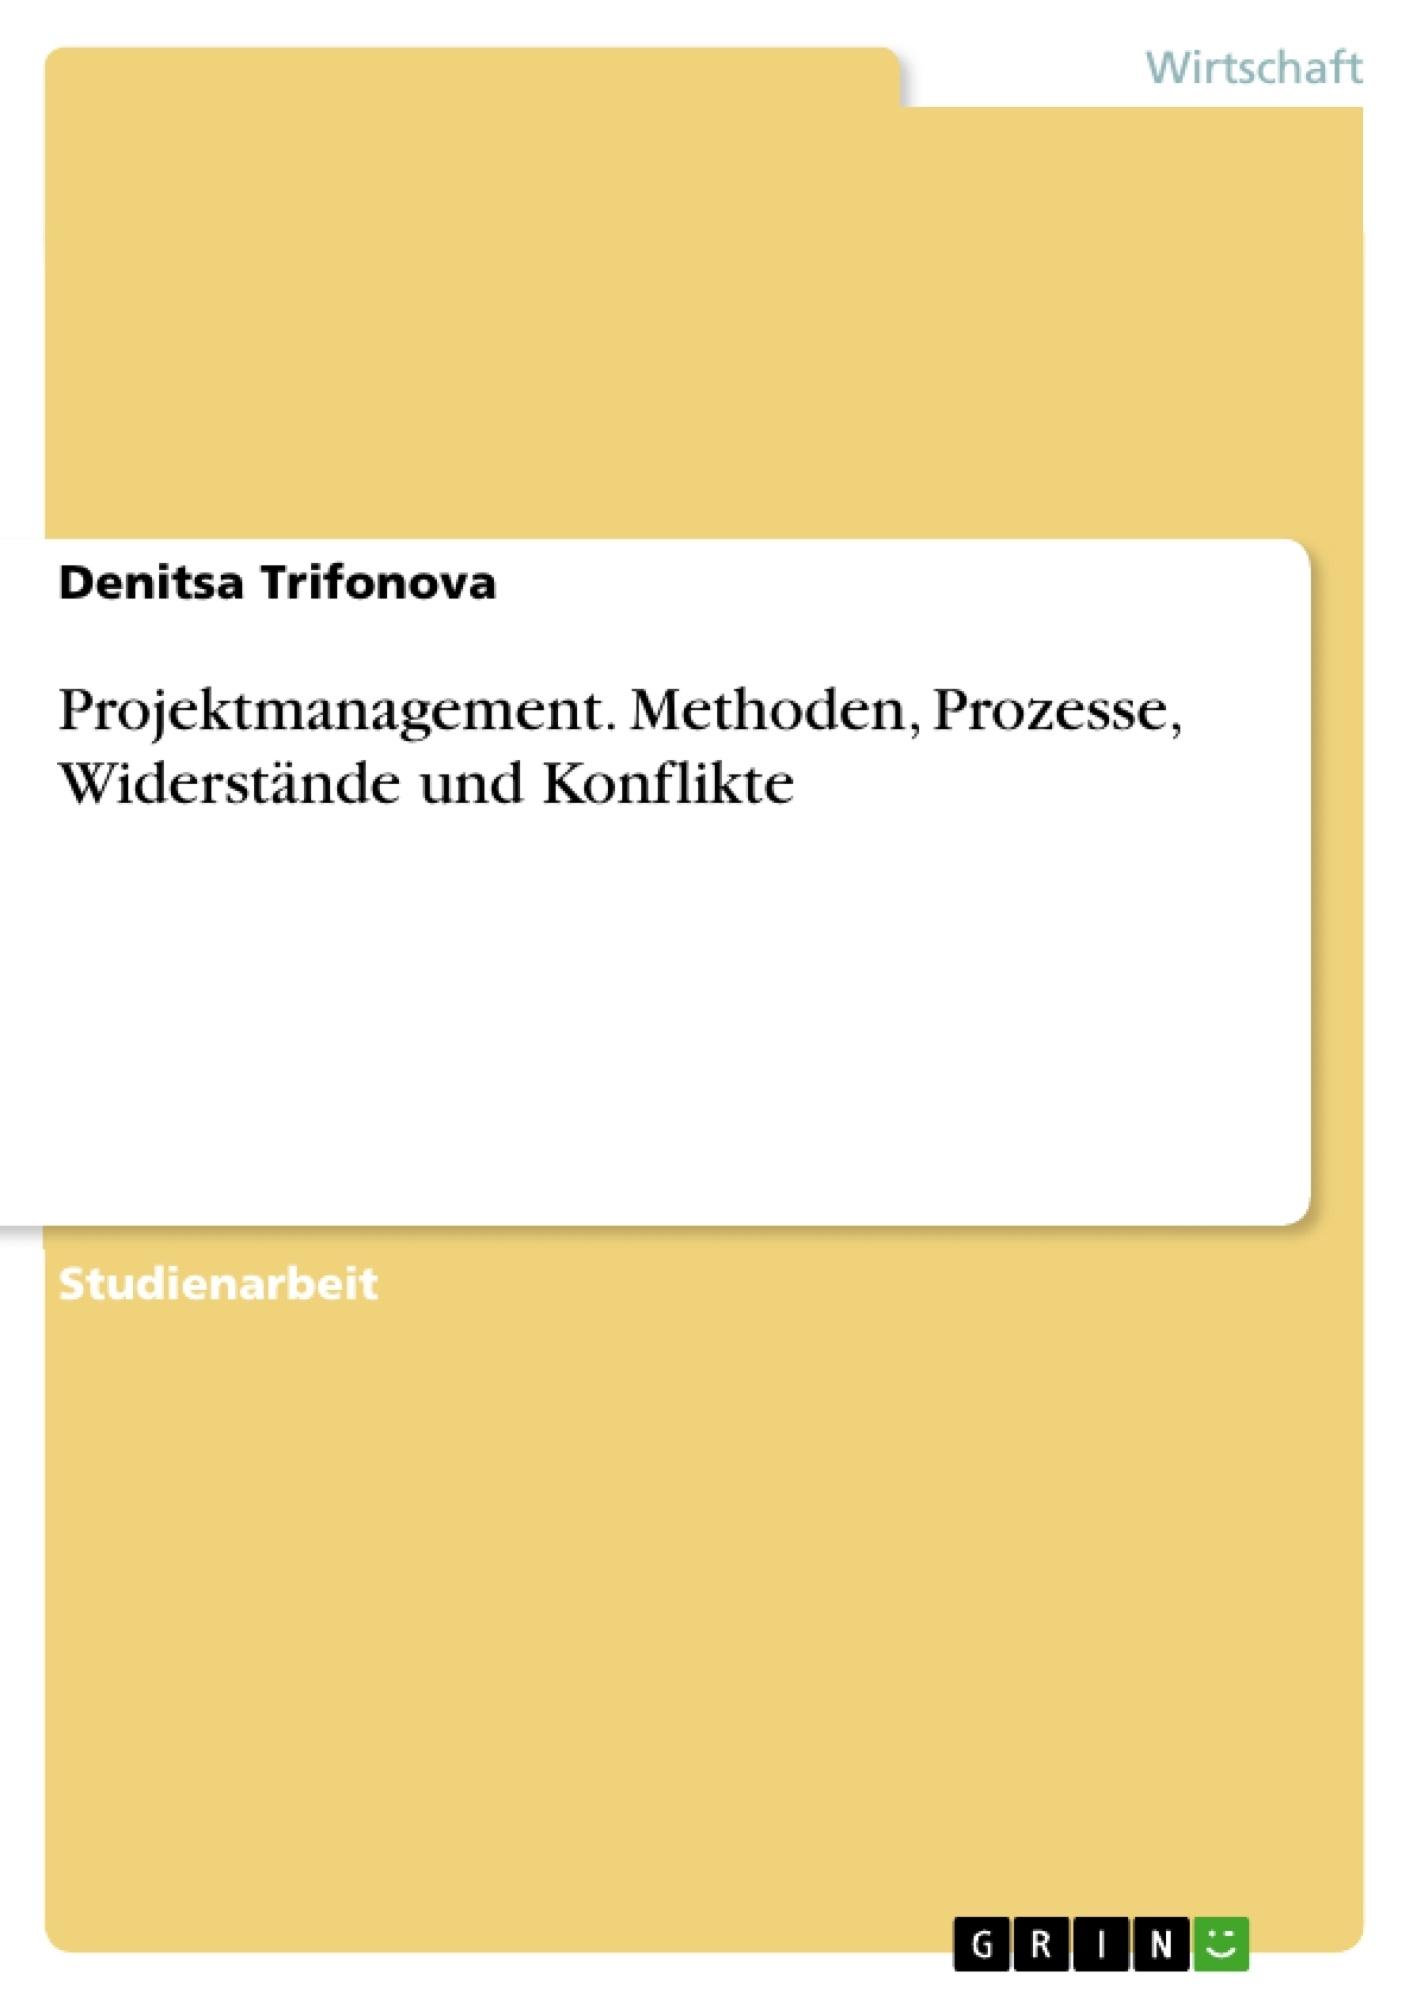 Titel: Projektmanagement. Methoden, Prozesse, Widerstände und Konflikte